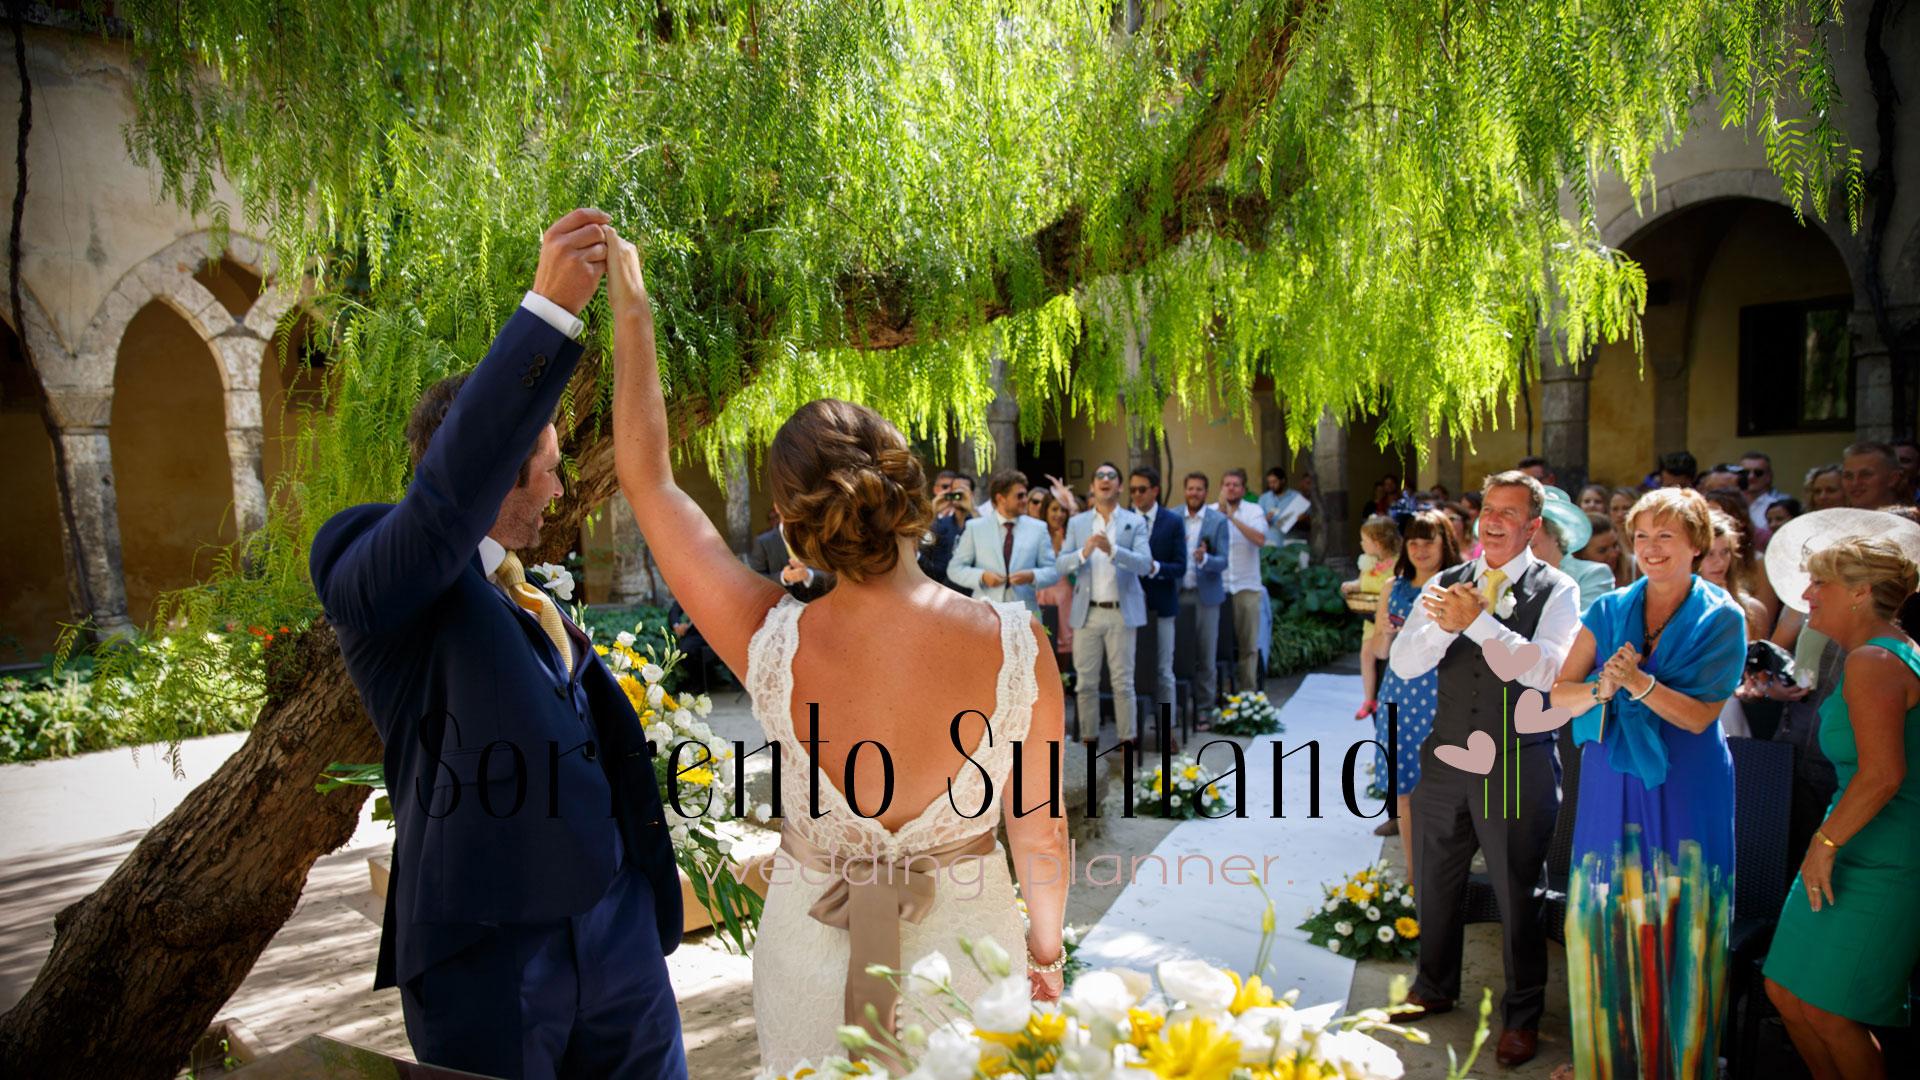 The peaceful romantic garden at San Francesco Cloister in Sorrento- Sorrento Sunland